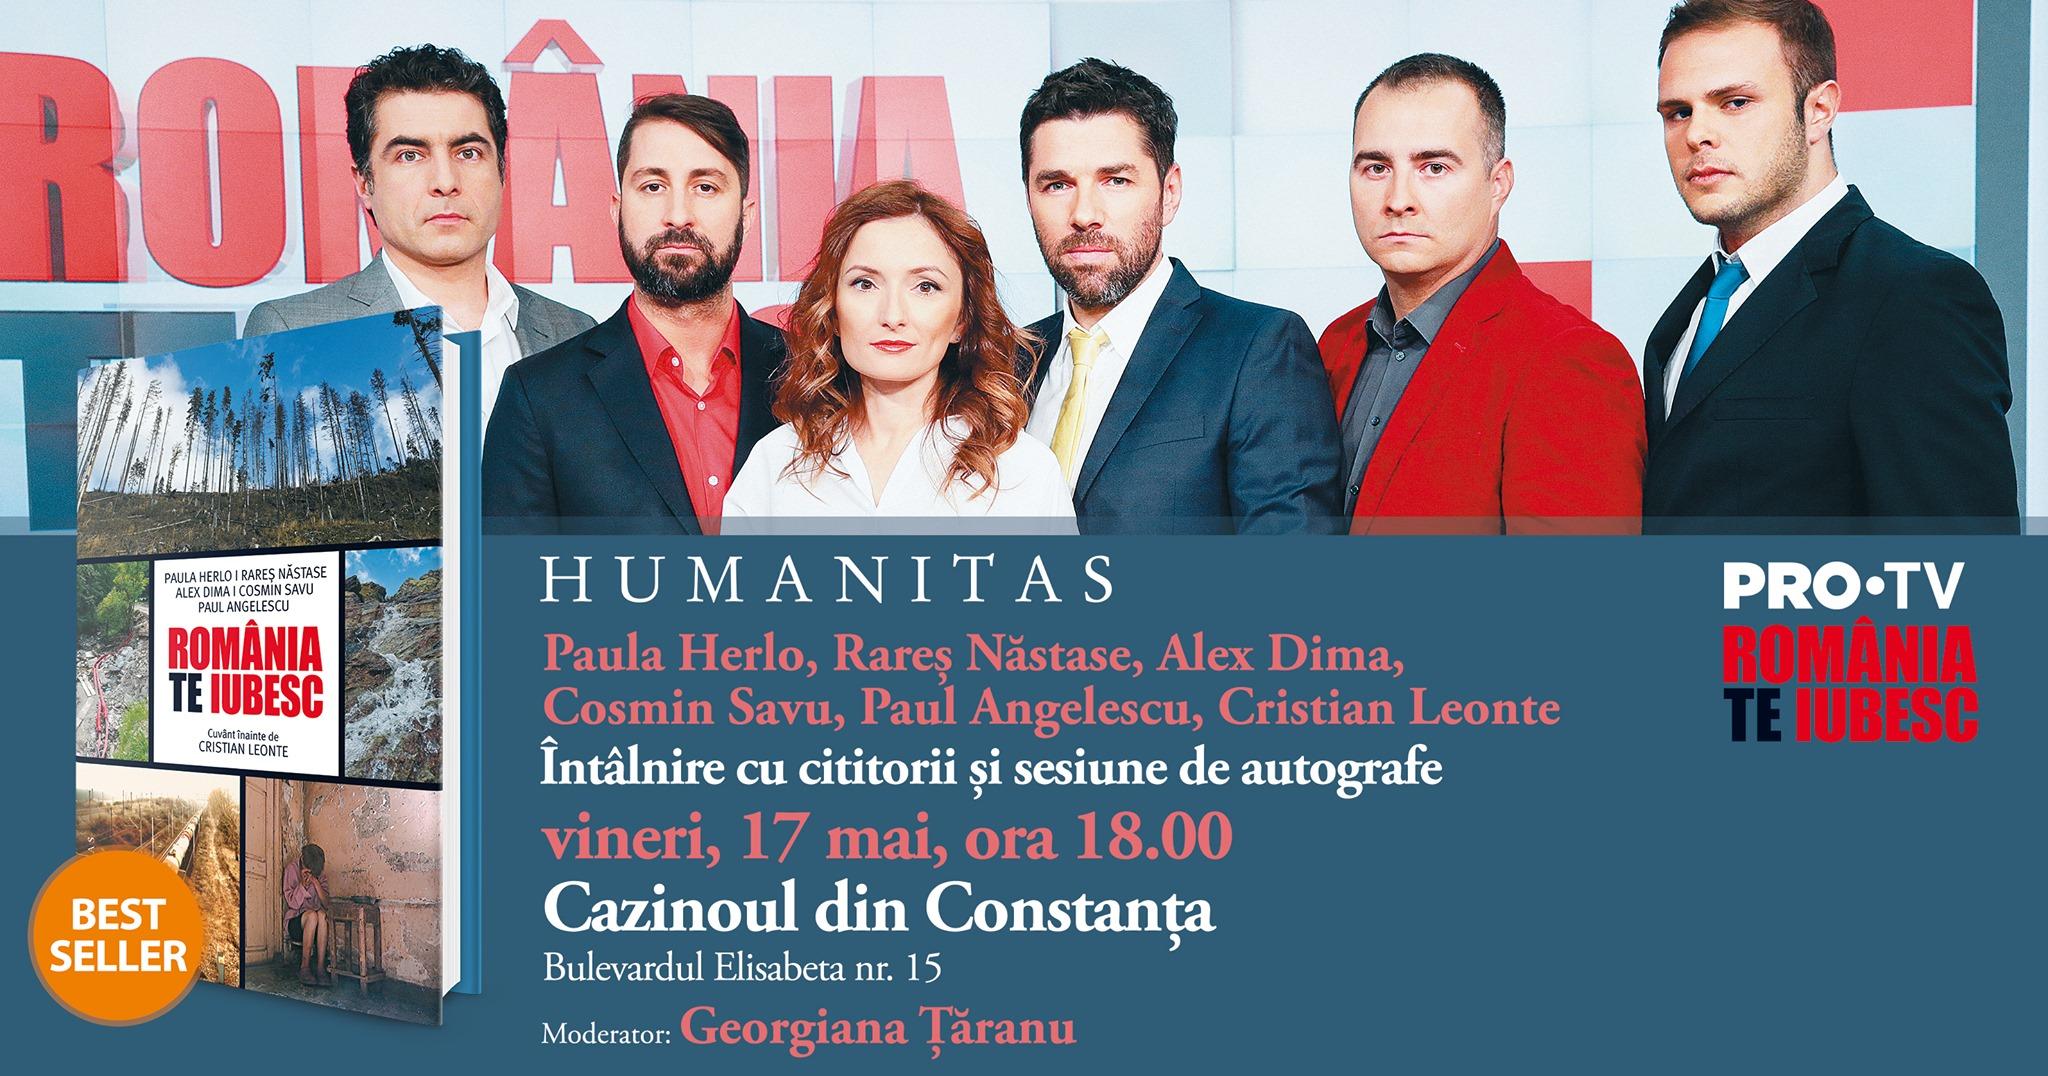 România, te iubesc!